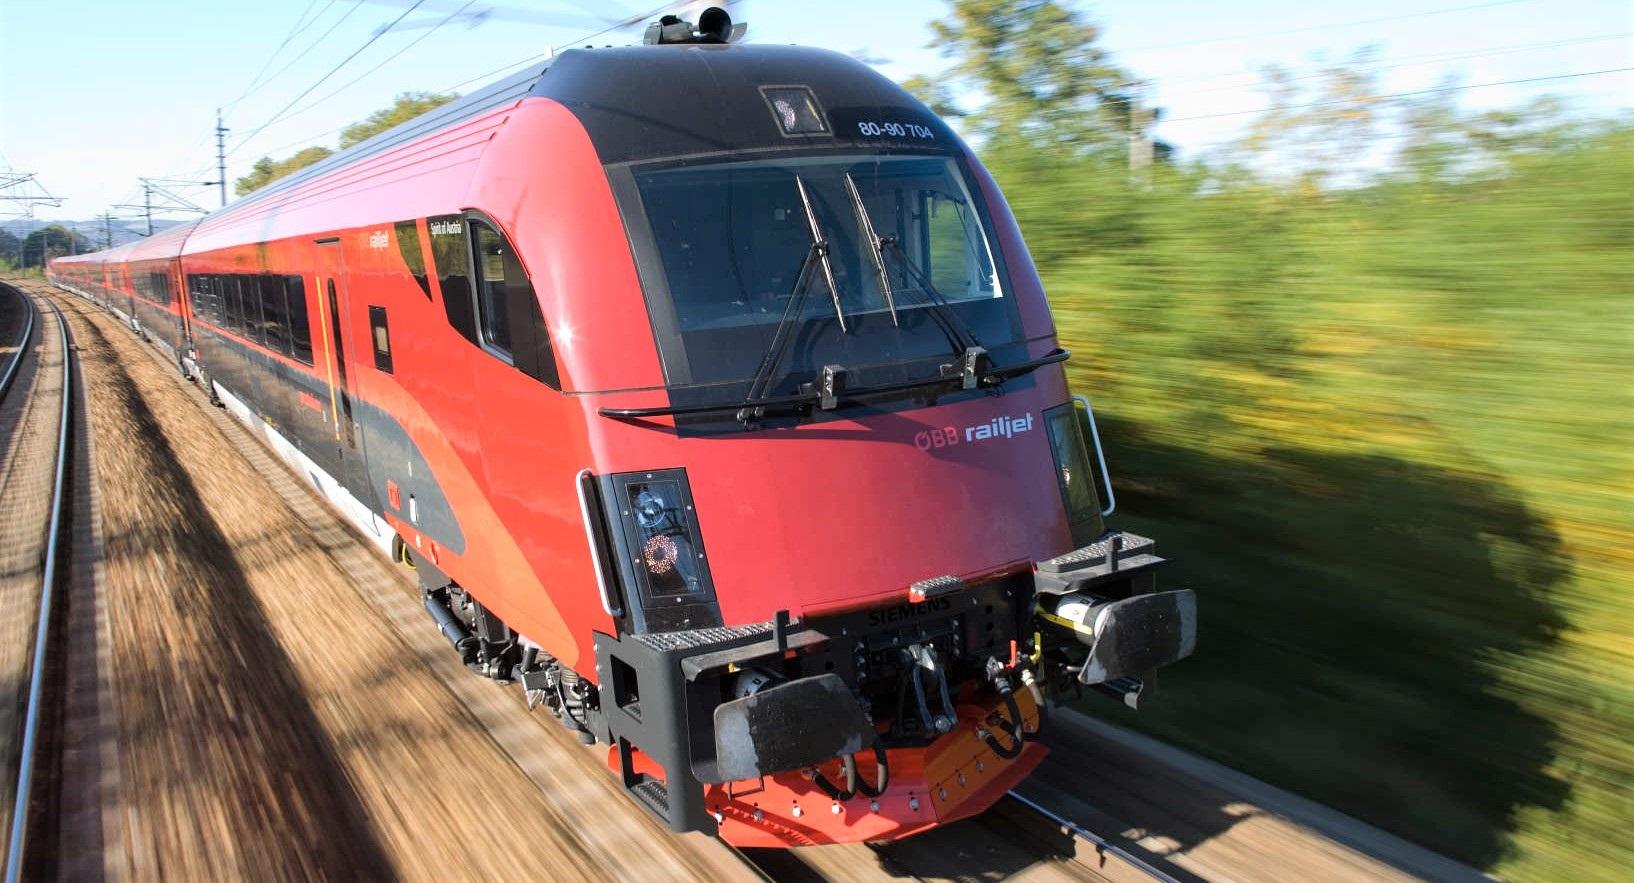 öbb Bilanz 261000000 Fahrgäste Auf Der Schiene Bmvit